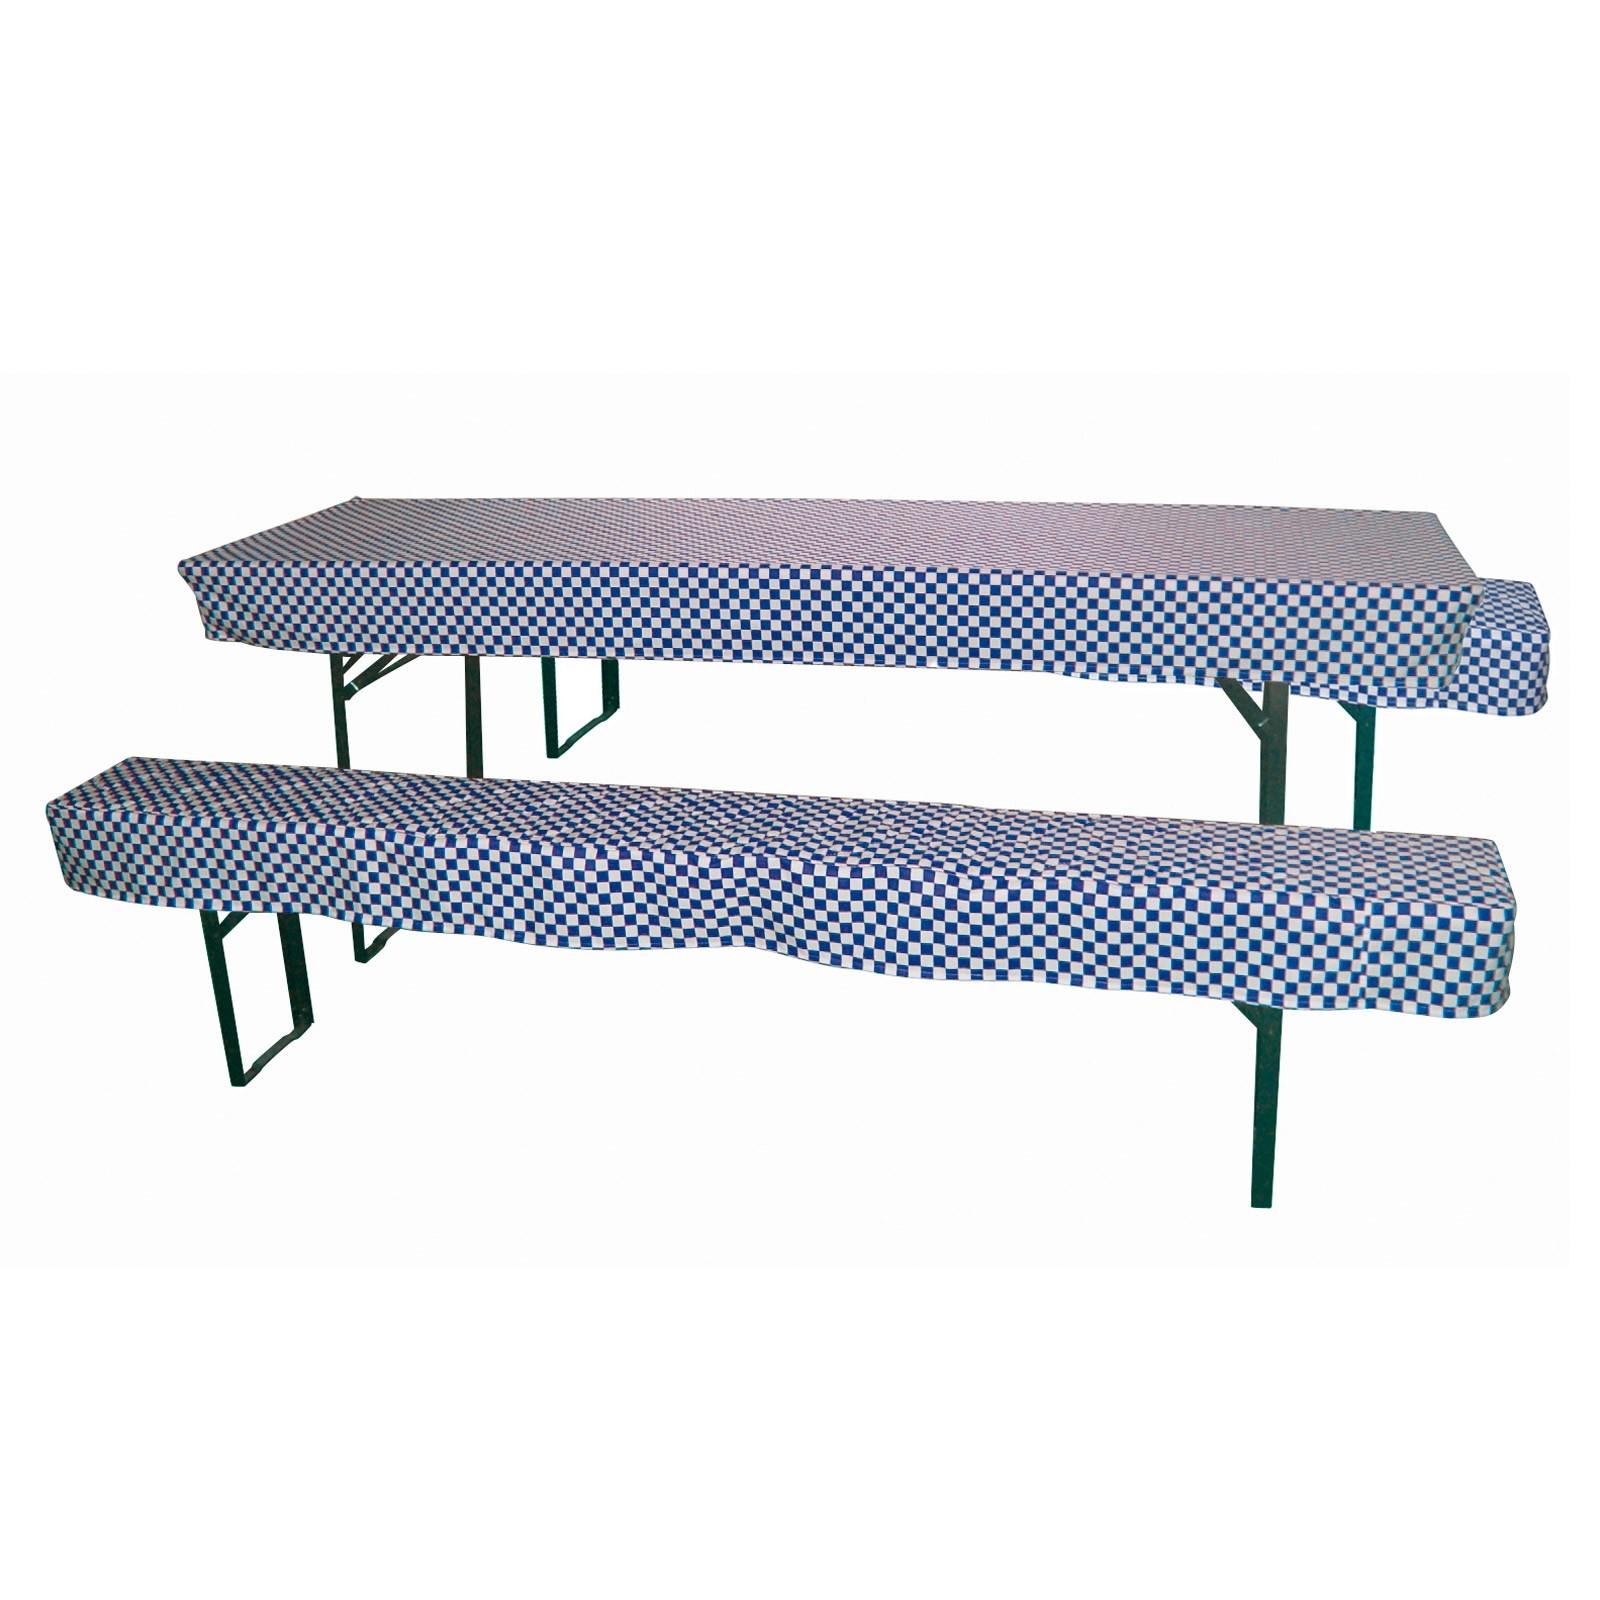 Dema 2x Hussen / Sitzpolster + 1x Tischdecke Set für Bierzeltgarnitur blau / weiß 41176